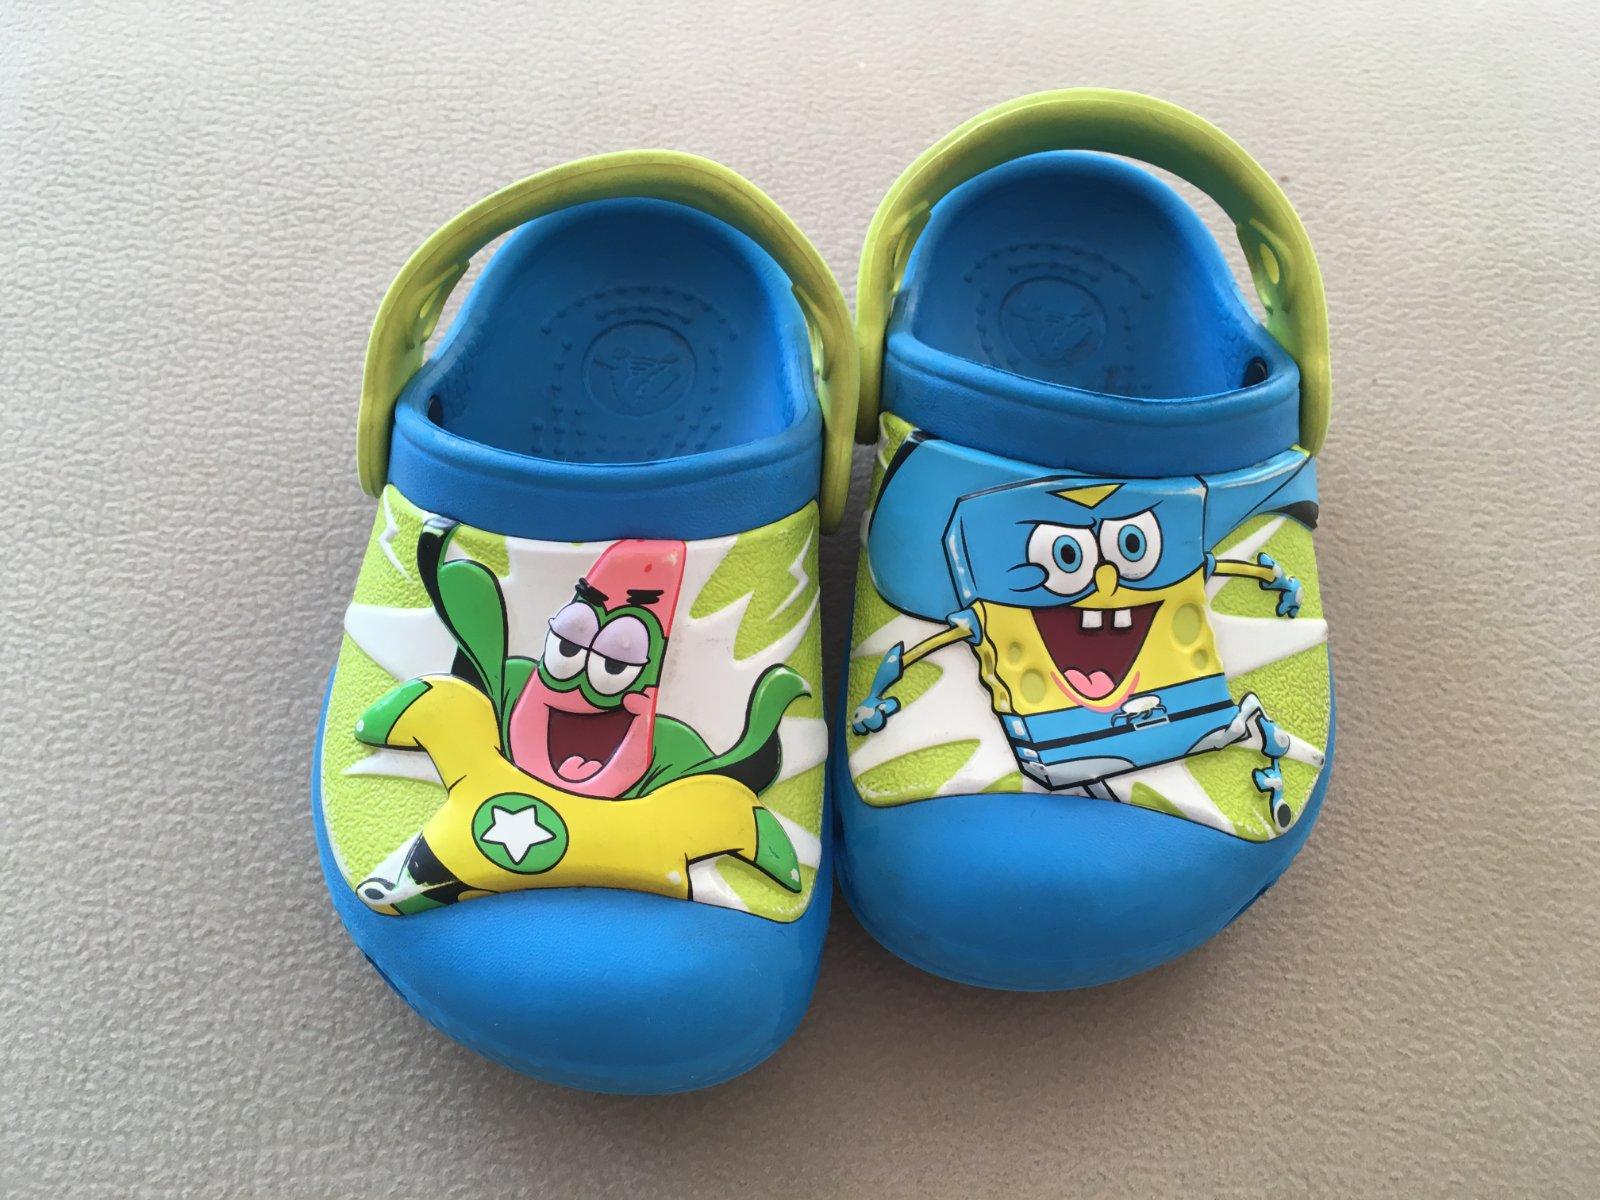 49b39223da359 Spongebob crocs jpg 1600x1200 Spongebob crocs